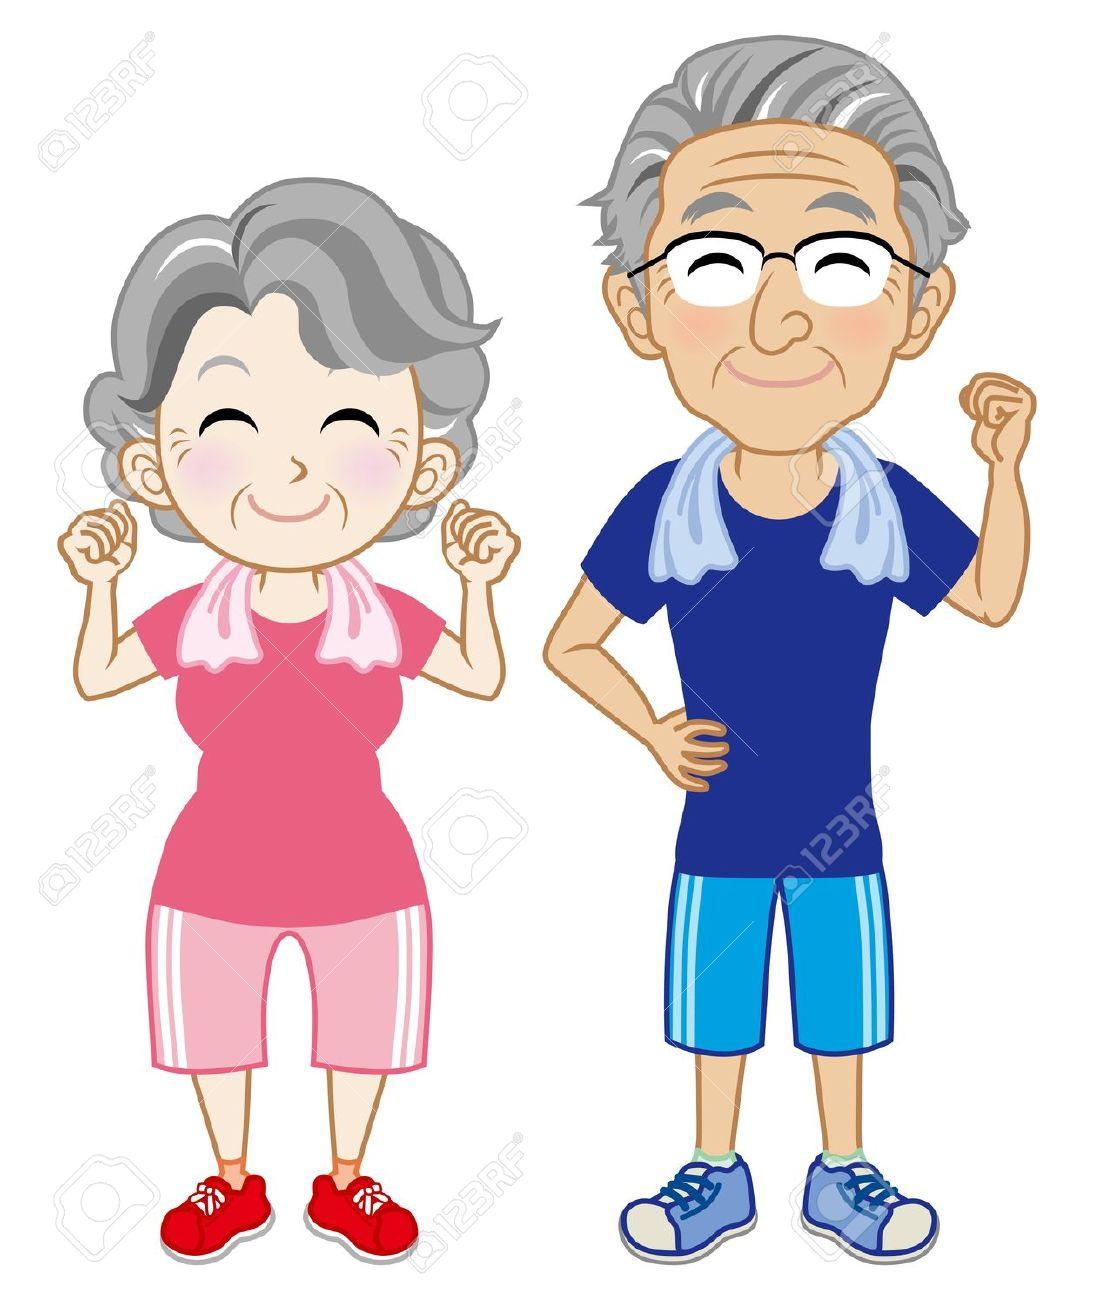 Exercise clipart elderly. Seniors free download best